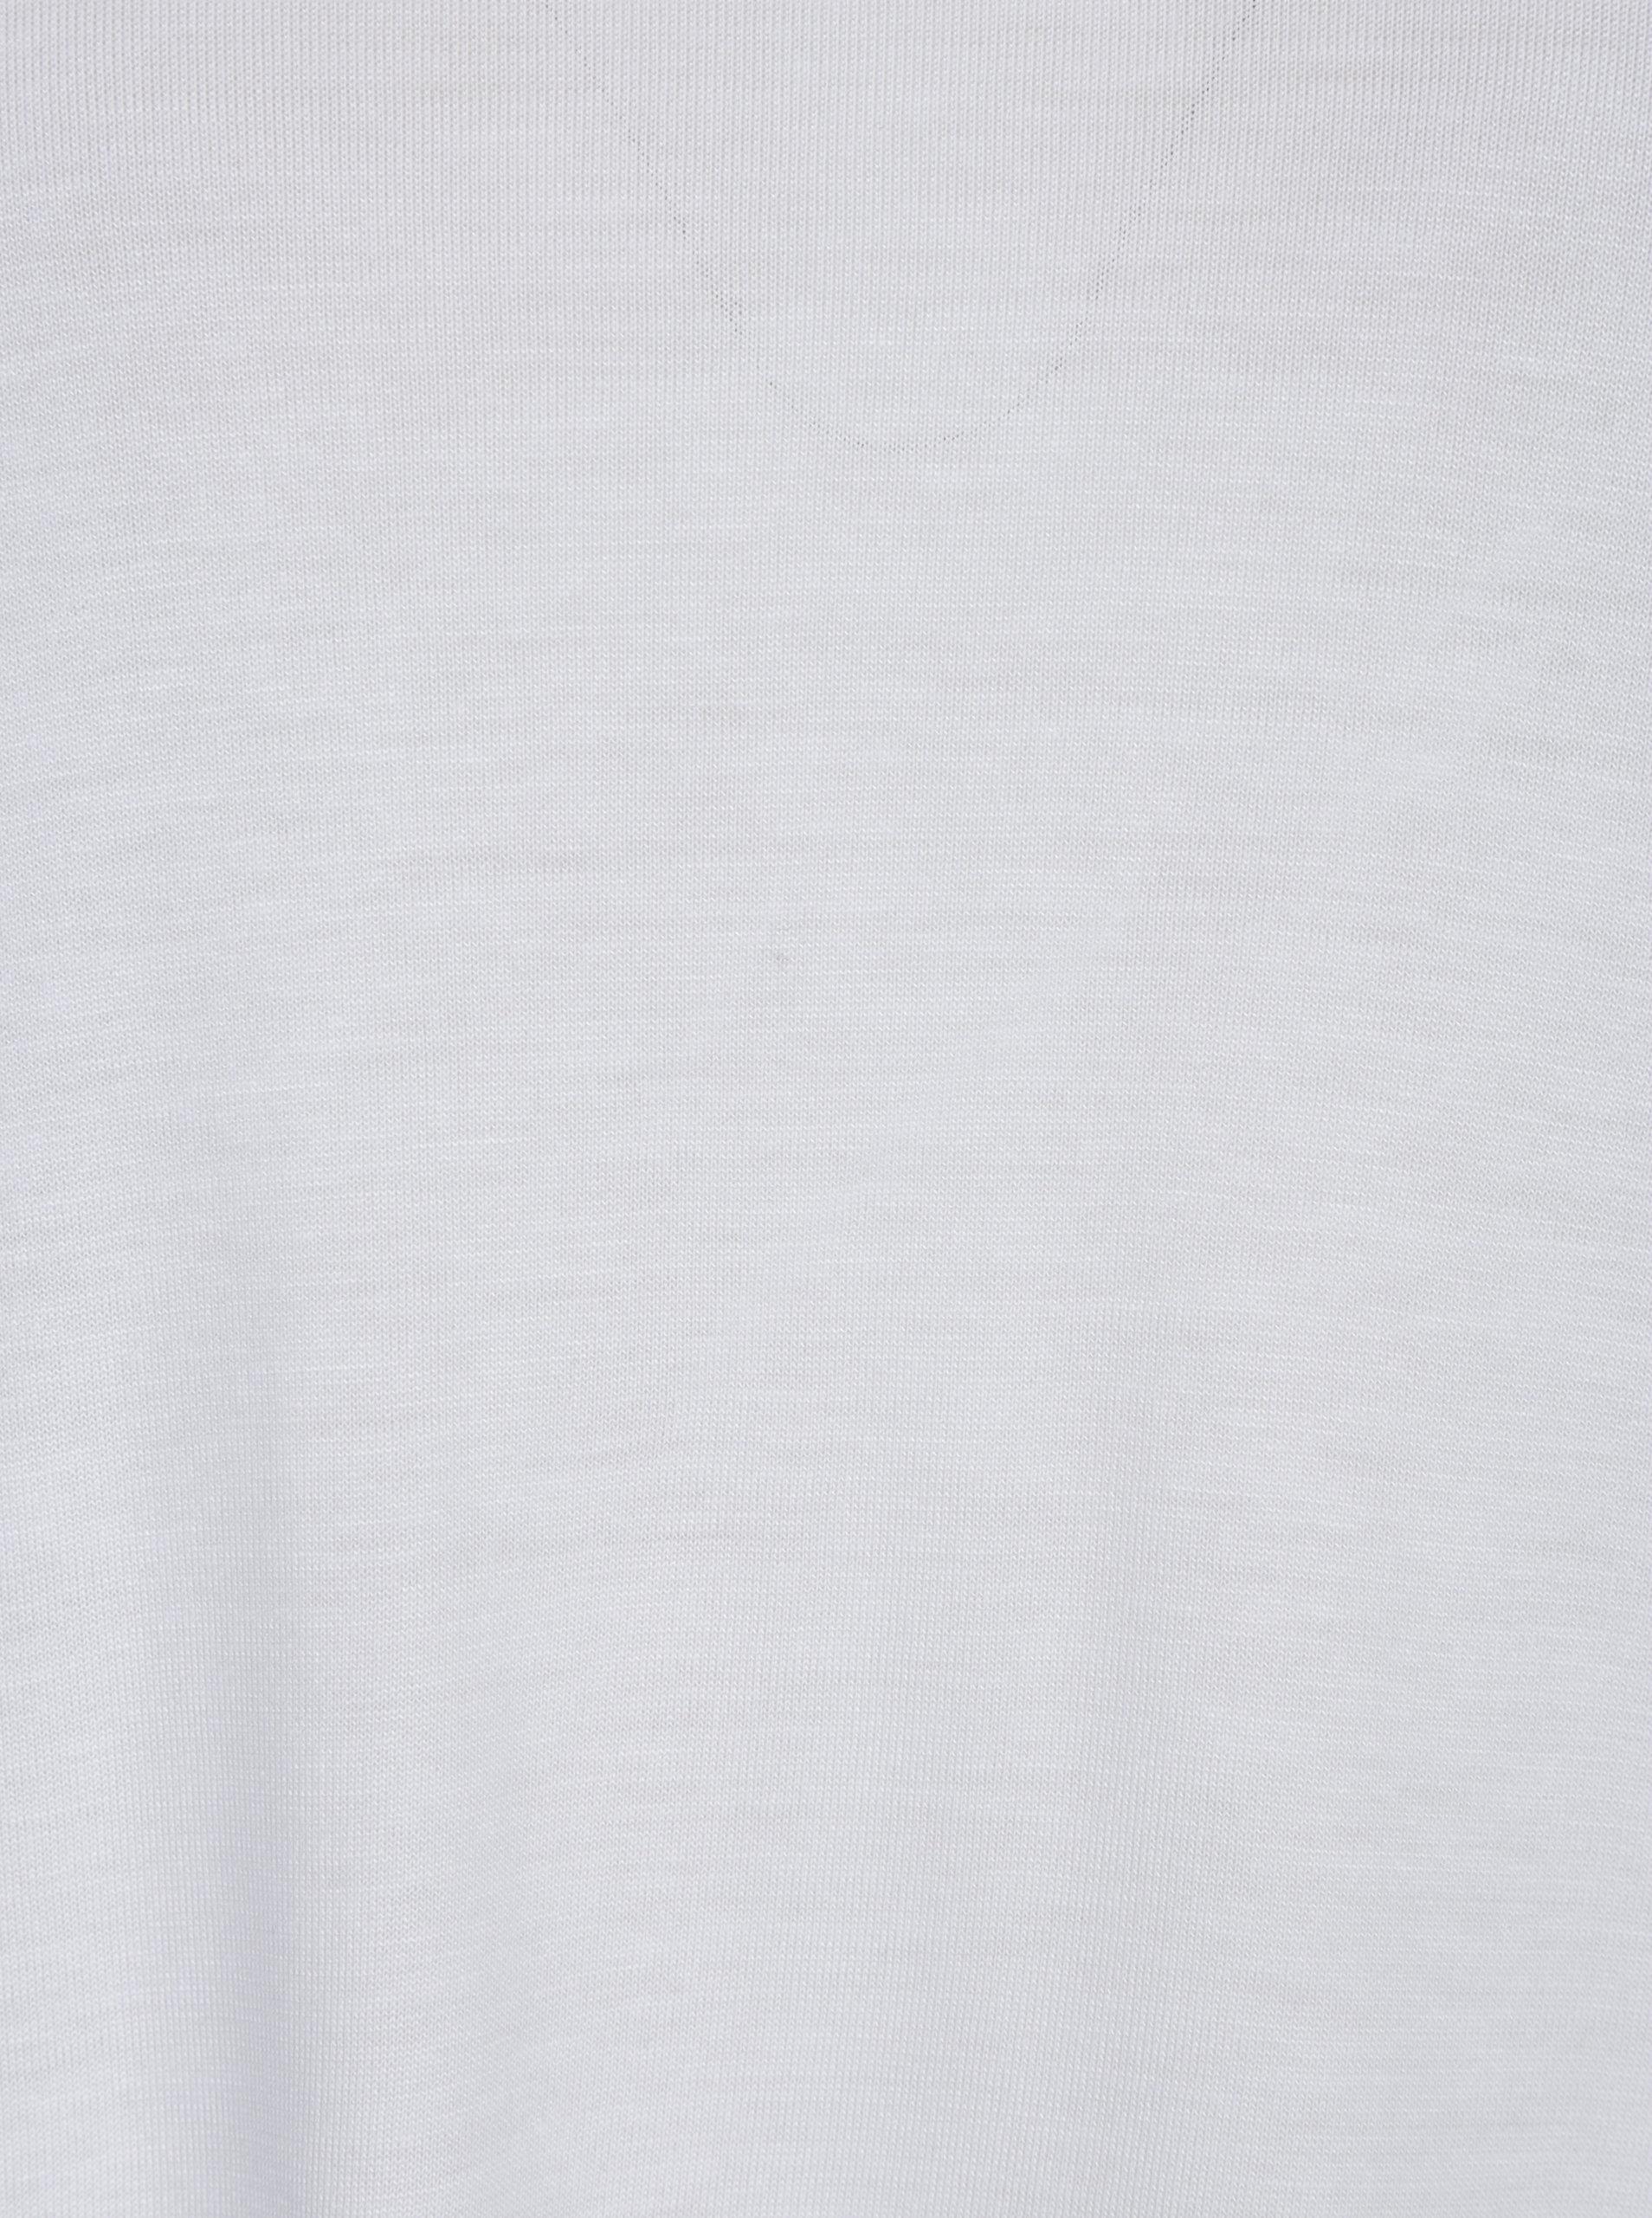 ce32526f517 Bílé dámské volné tričko s průstřihem na zádech Cheap Monday ...